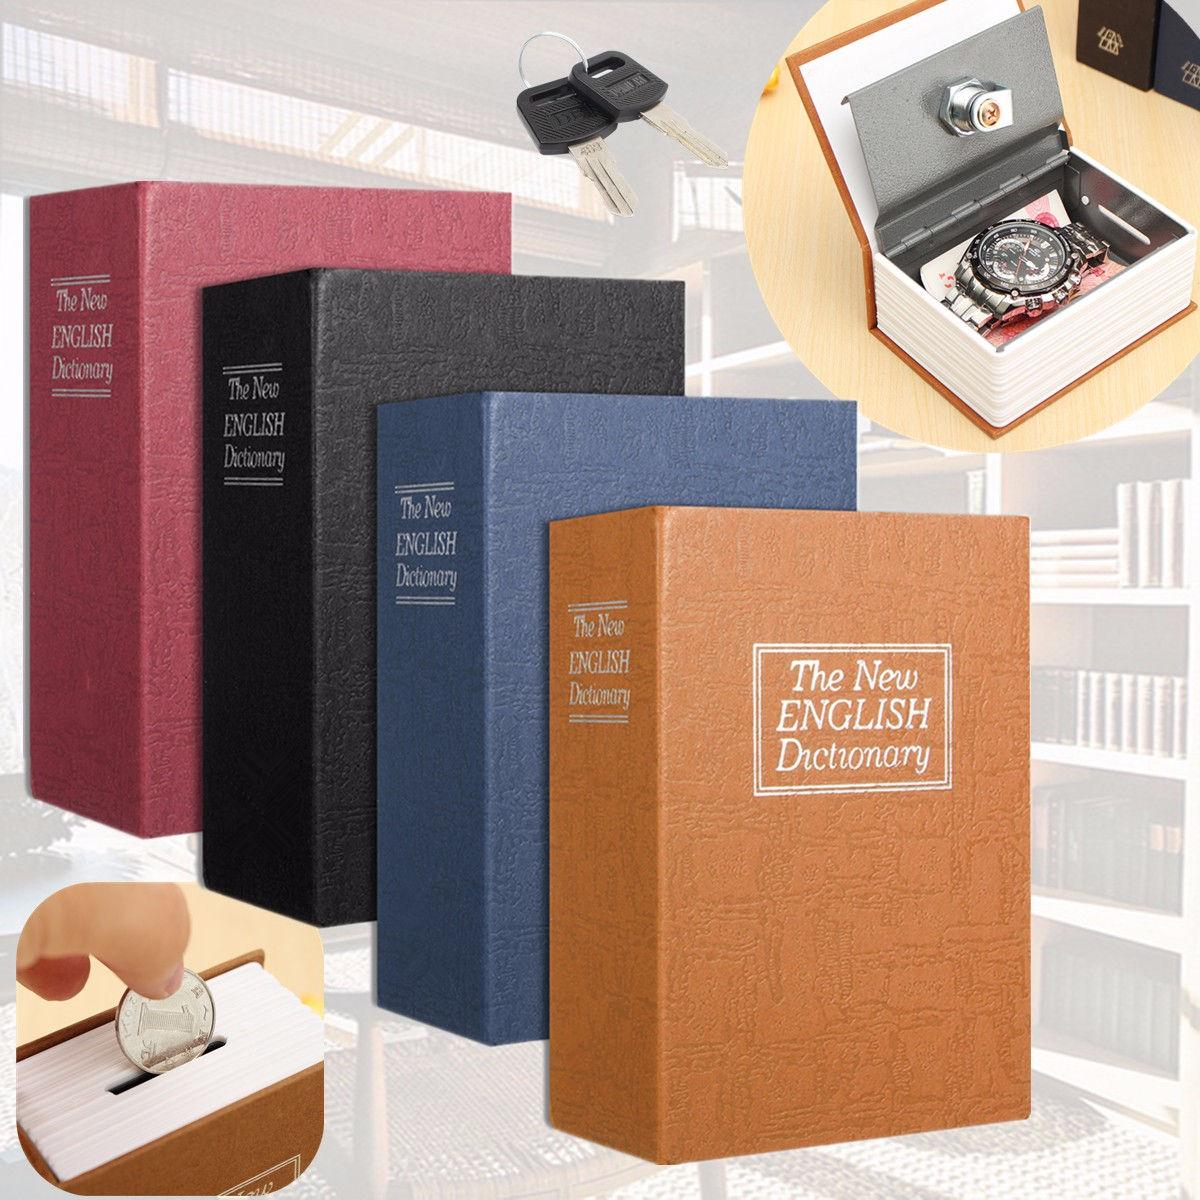 Мини-Сейф для словаря, книга для хранения денег, секретный сейф, сейф для хранения наличных денег, ювелирная для ключей, шкафчик для детей, по...